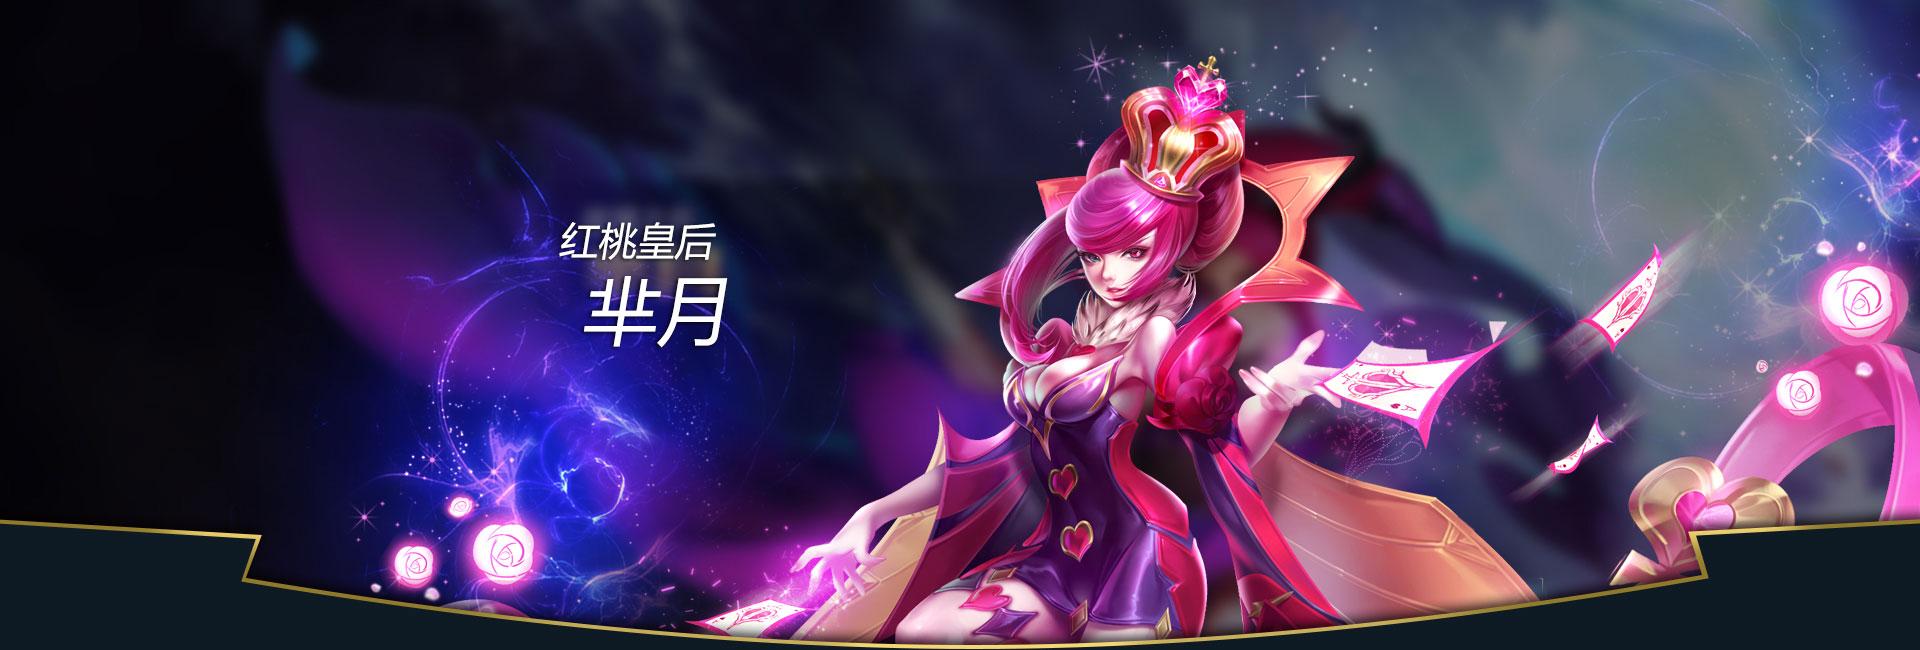 第2弹《王者荣耀英雄皮肤CG》竞技游戏121